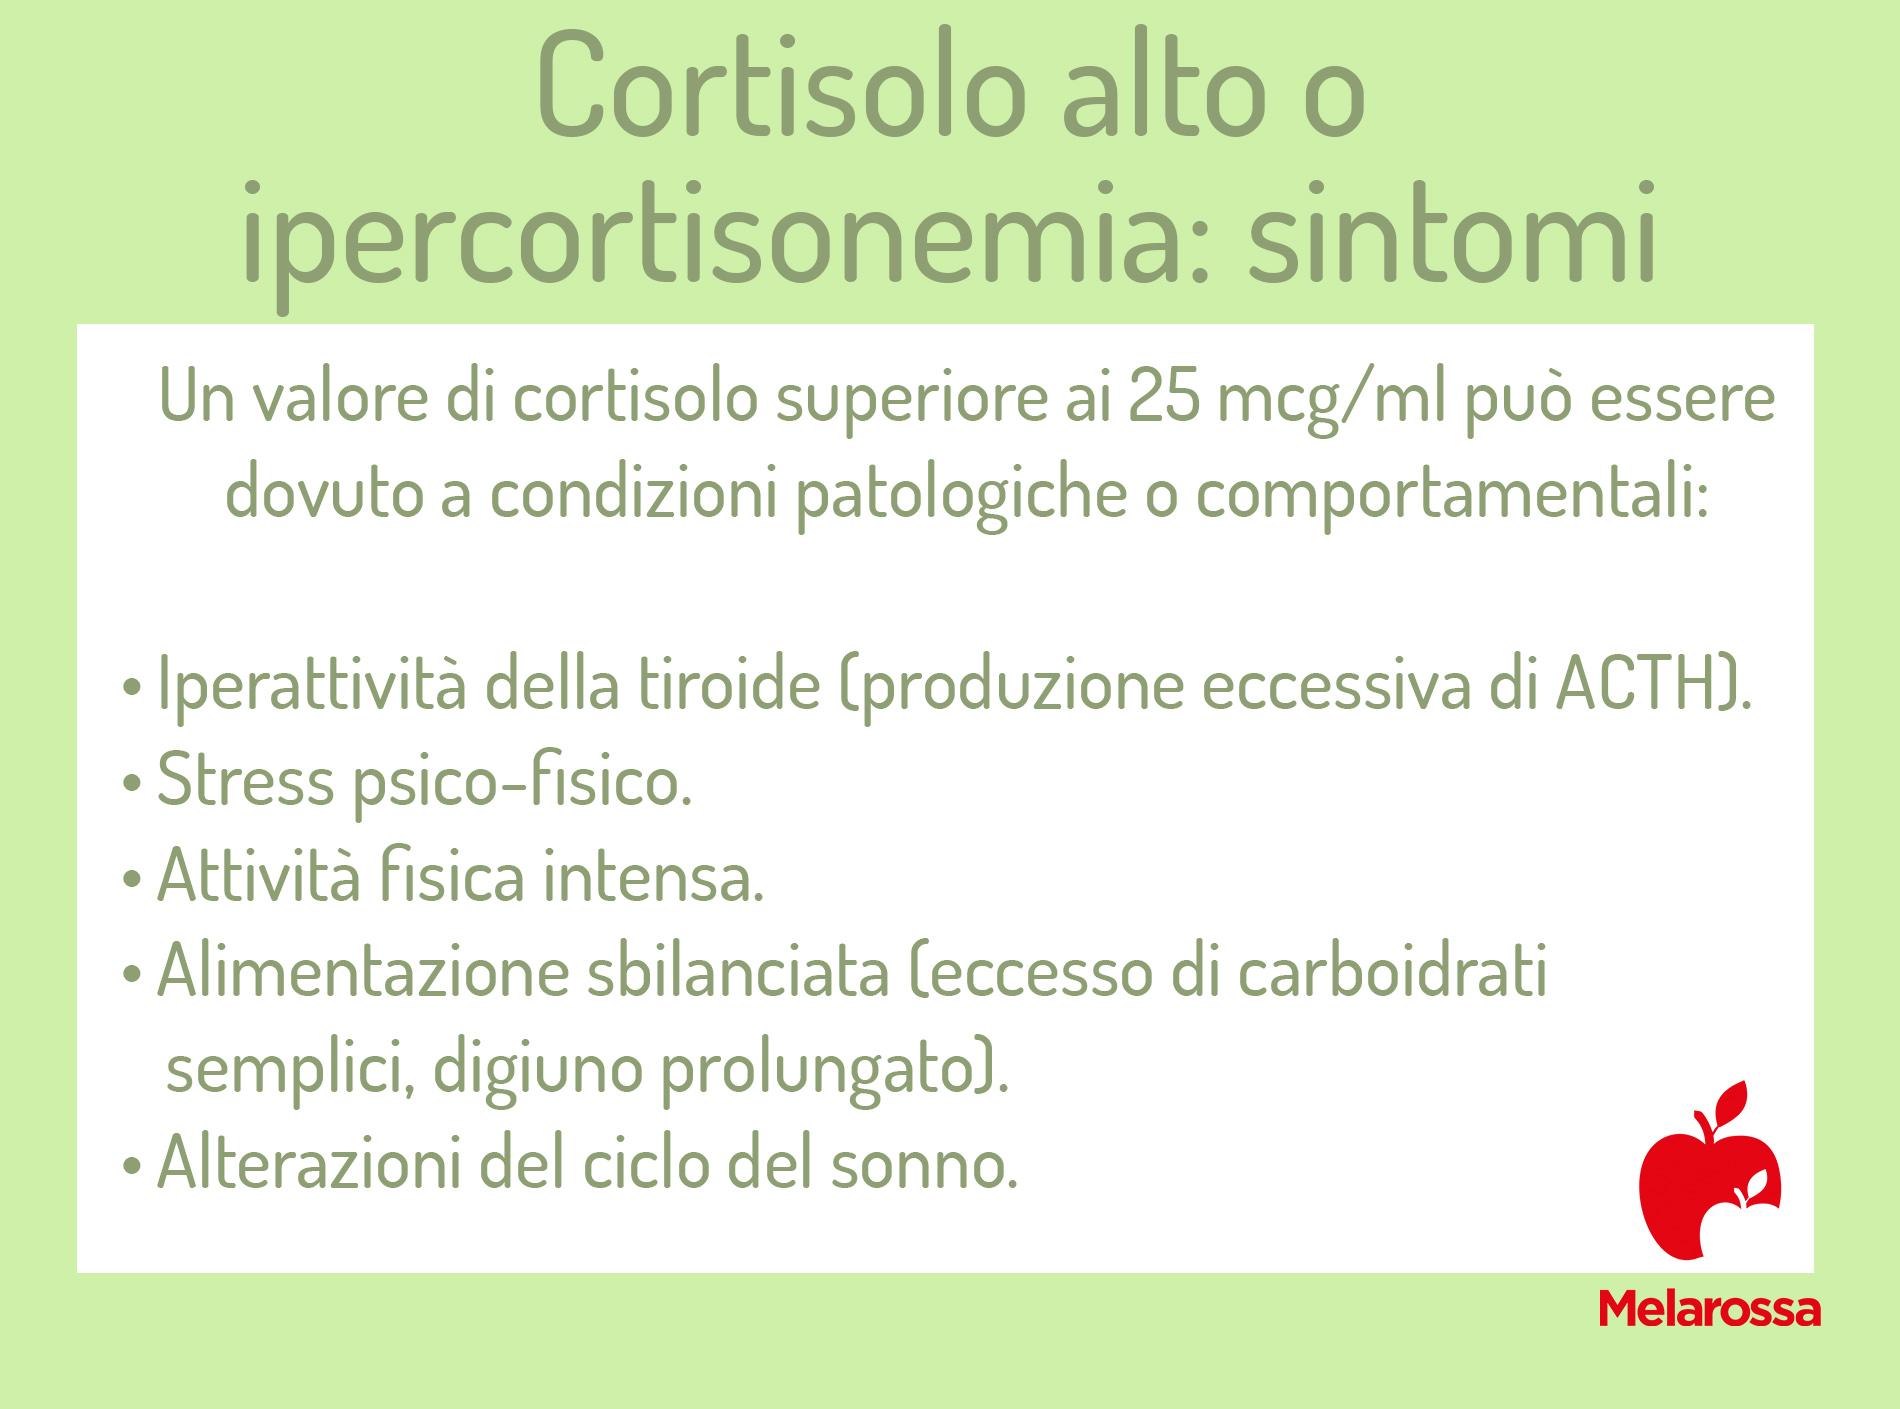 Cortisolo alto: sintomi